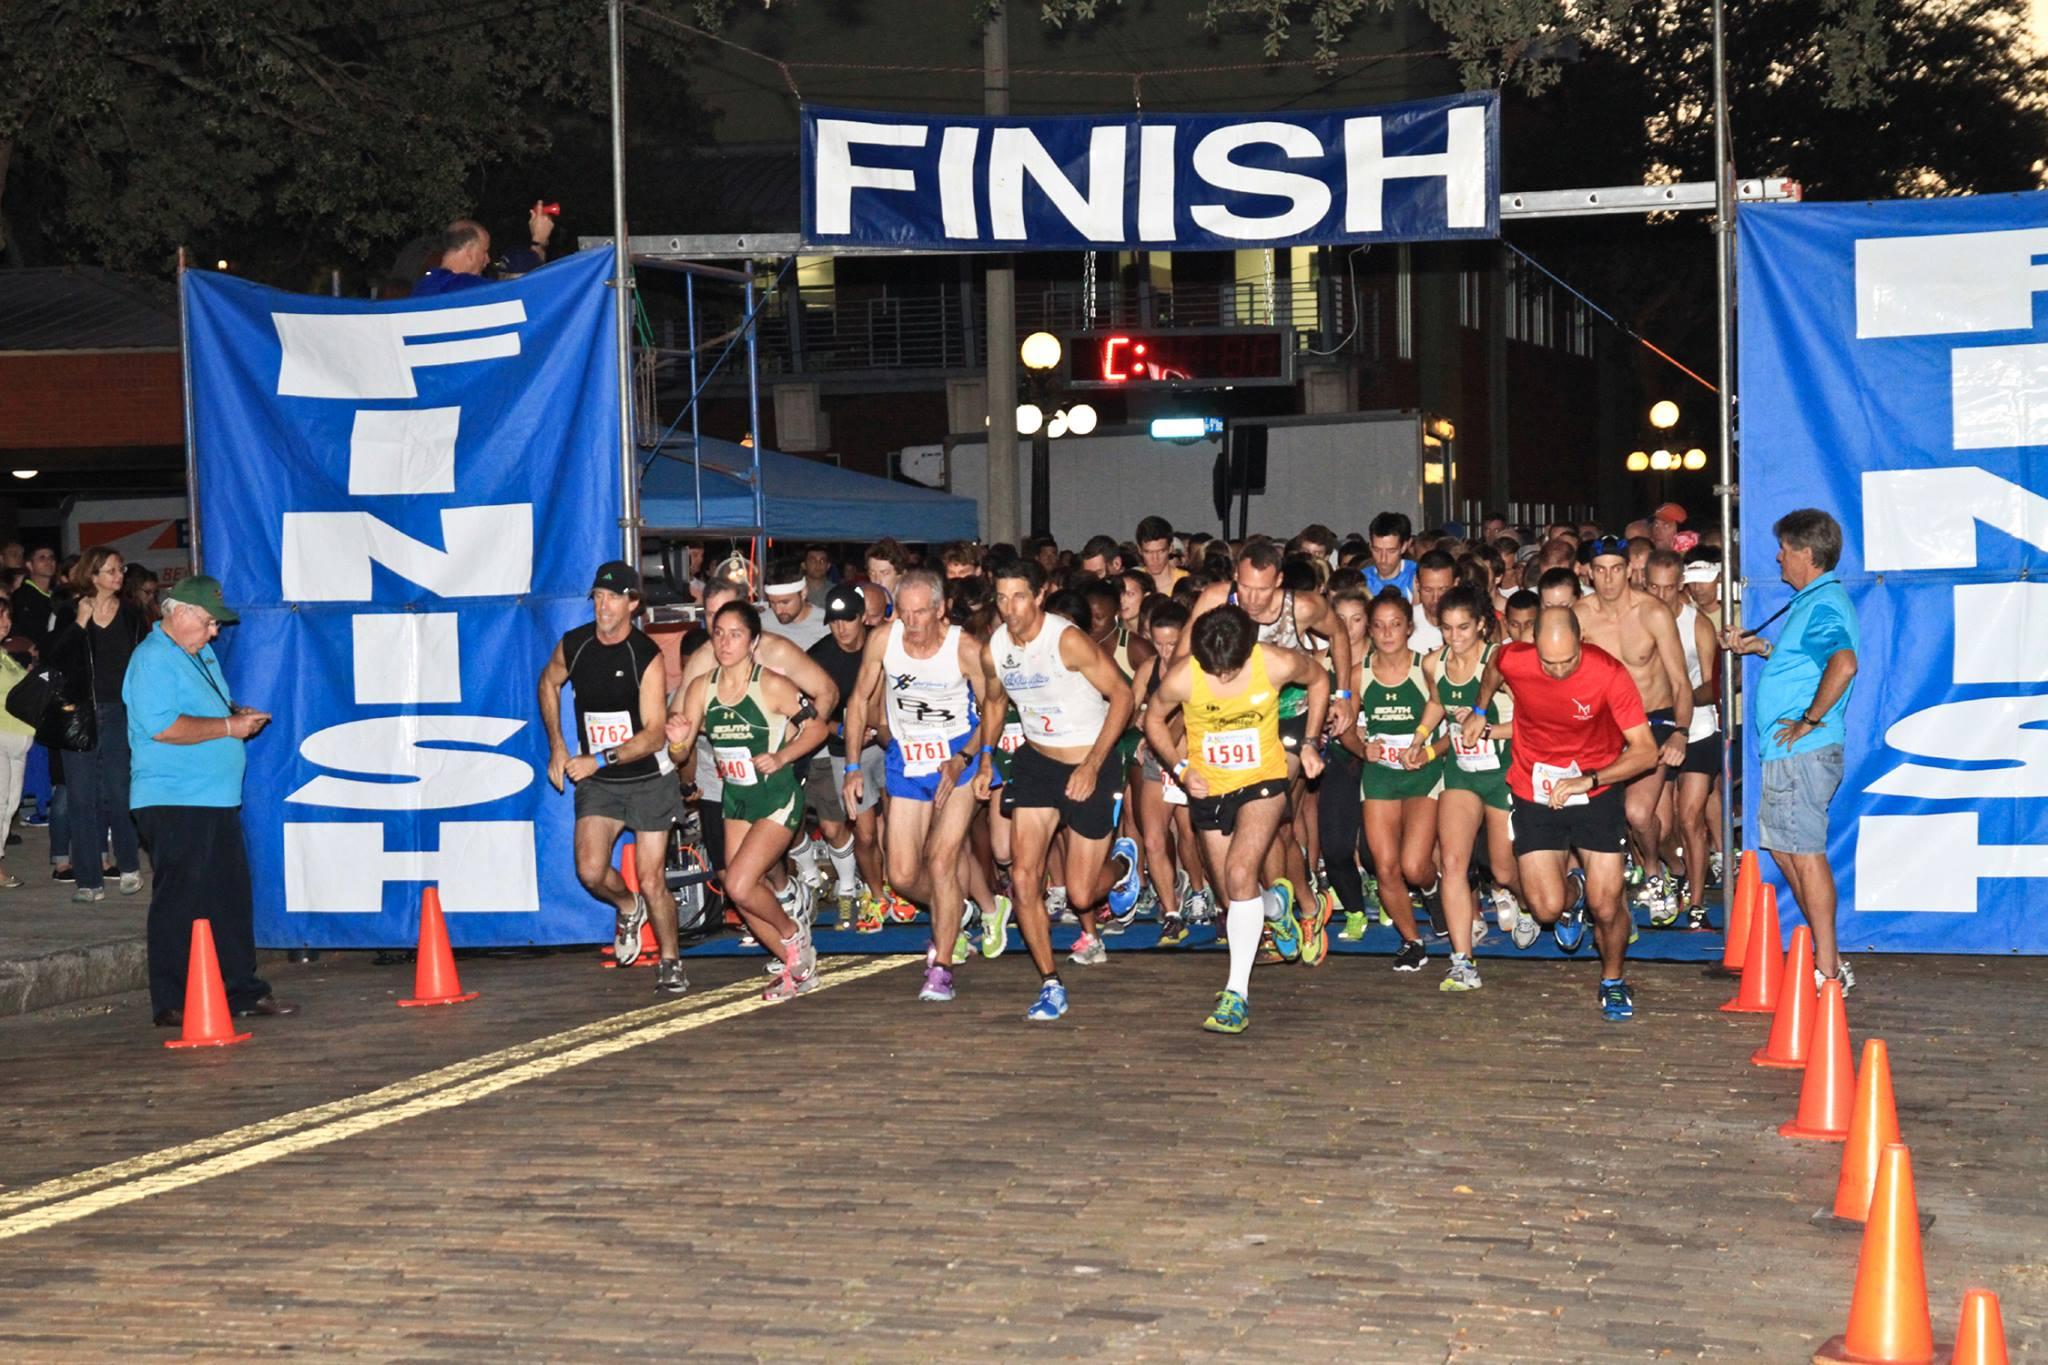 Richard's Run For Life 5K